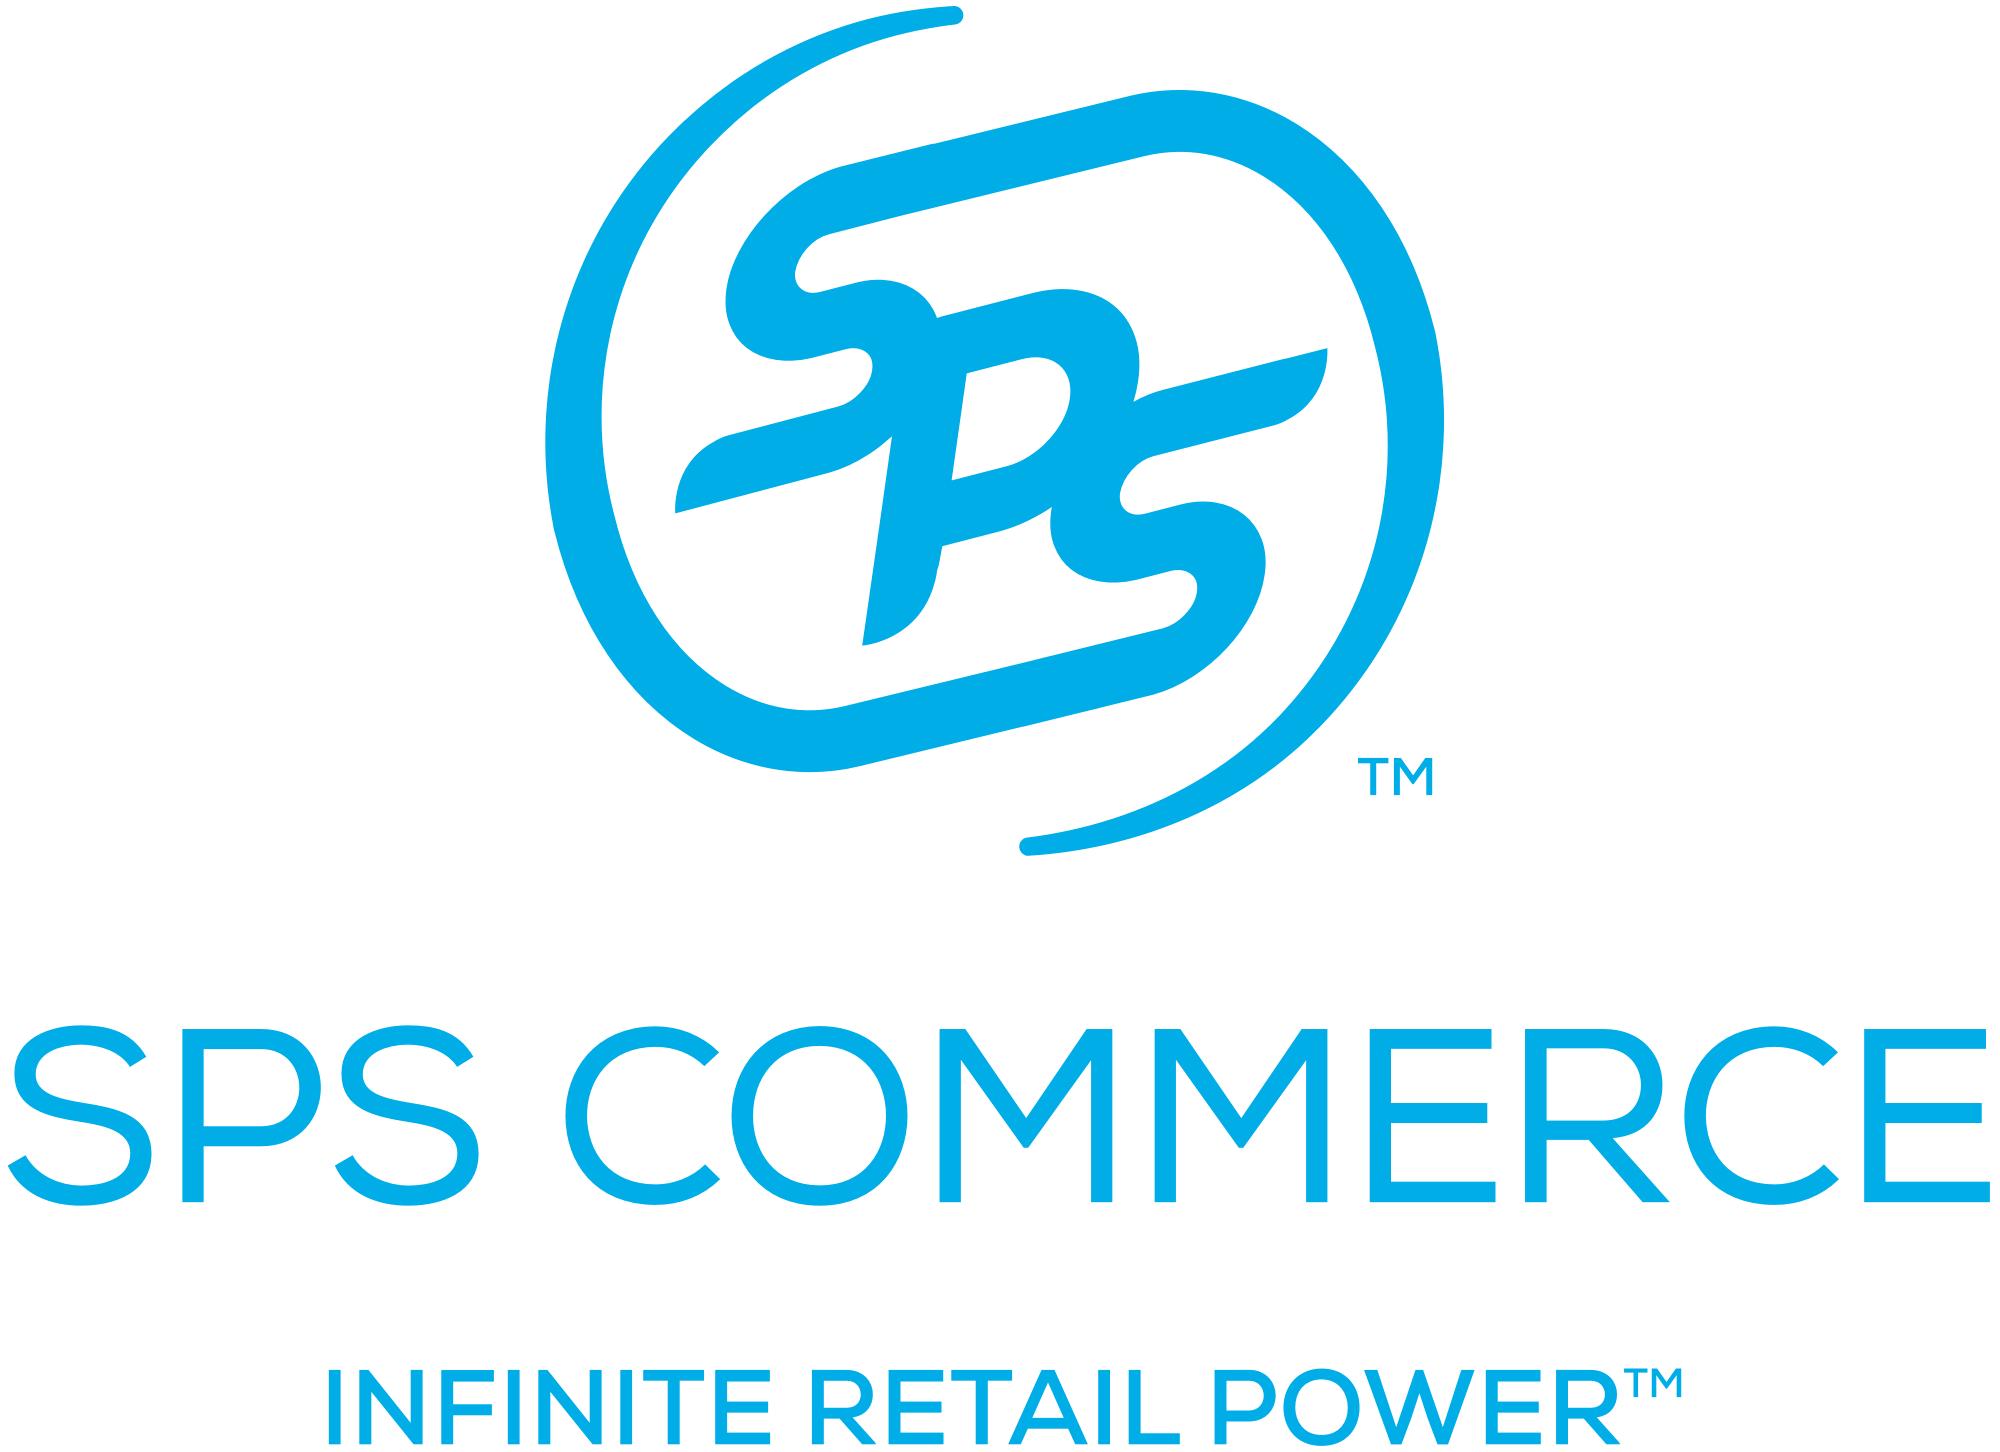 SPS Commerce logo.